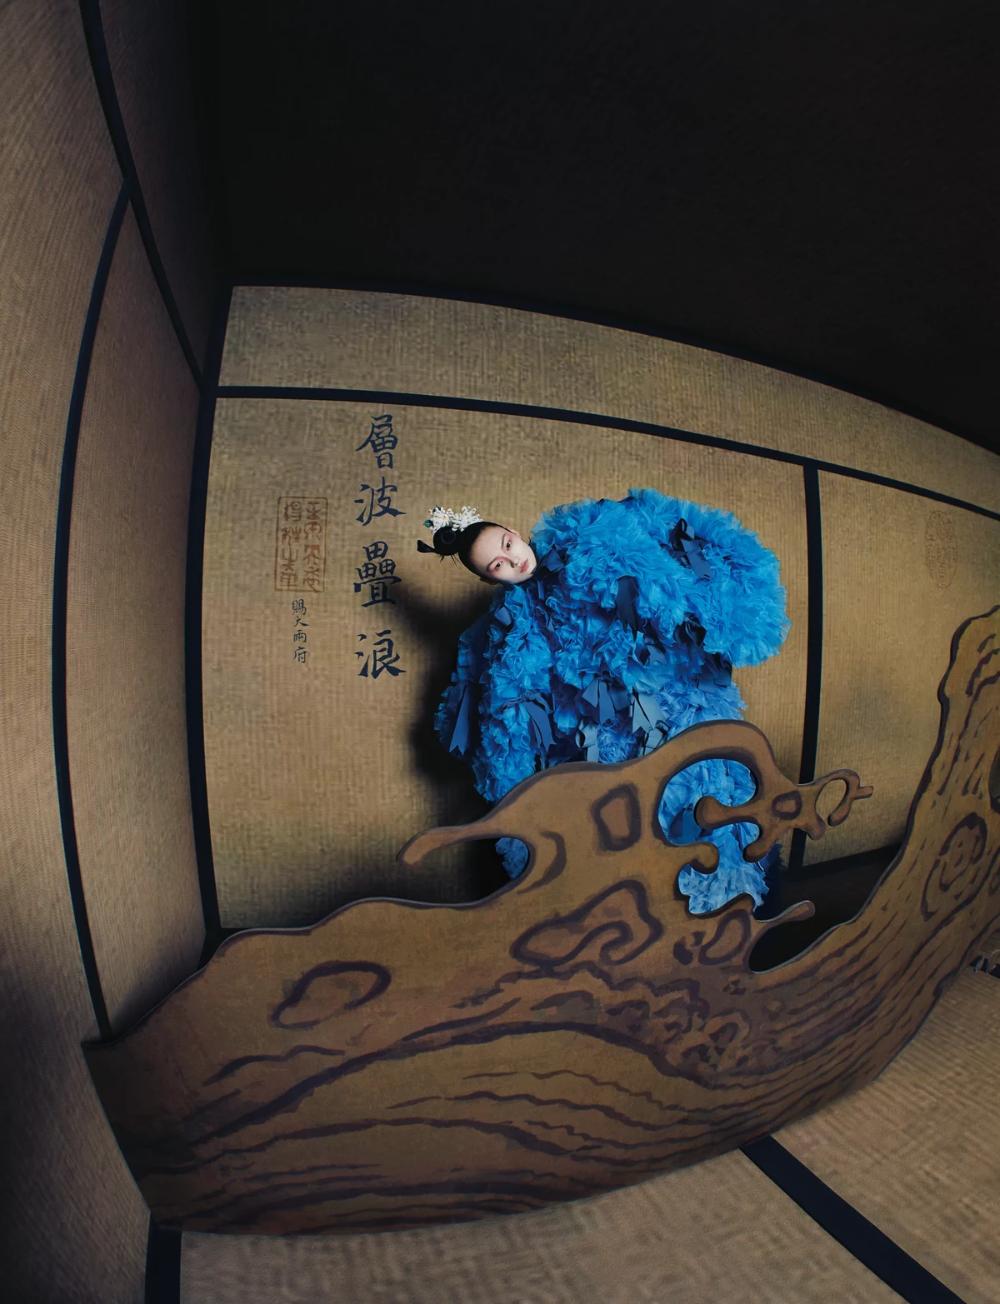 leslie zhang photographer – RechercheGoogle